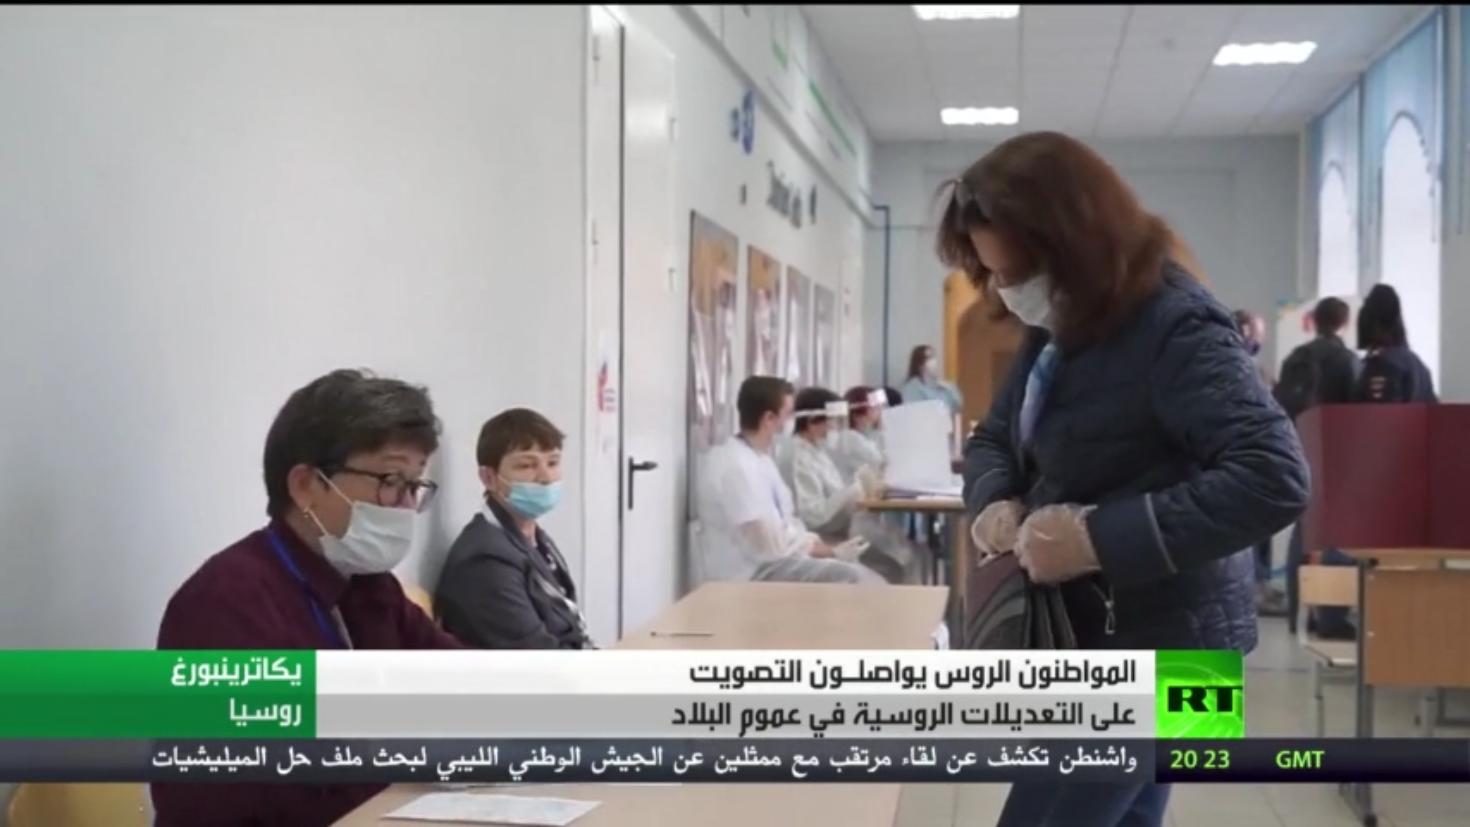 مراكز تصويت استثنائية في روسيا بسبب كورونا